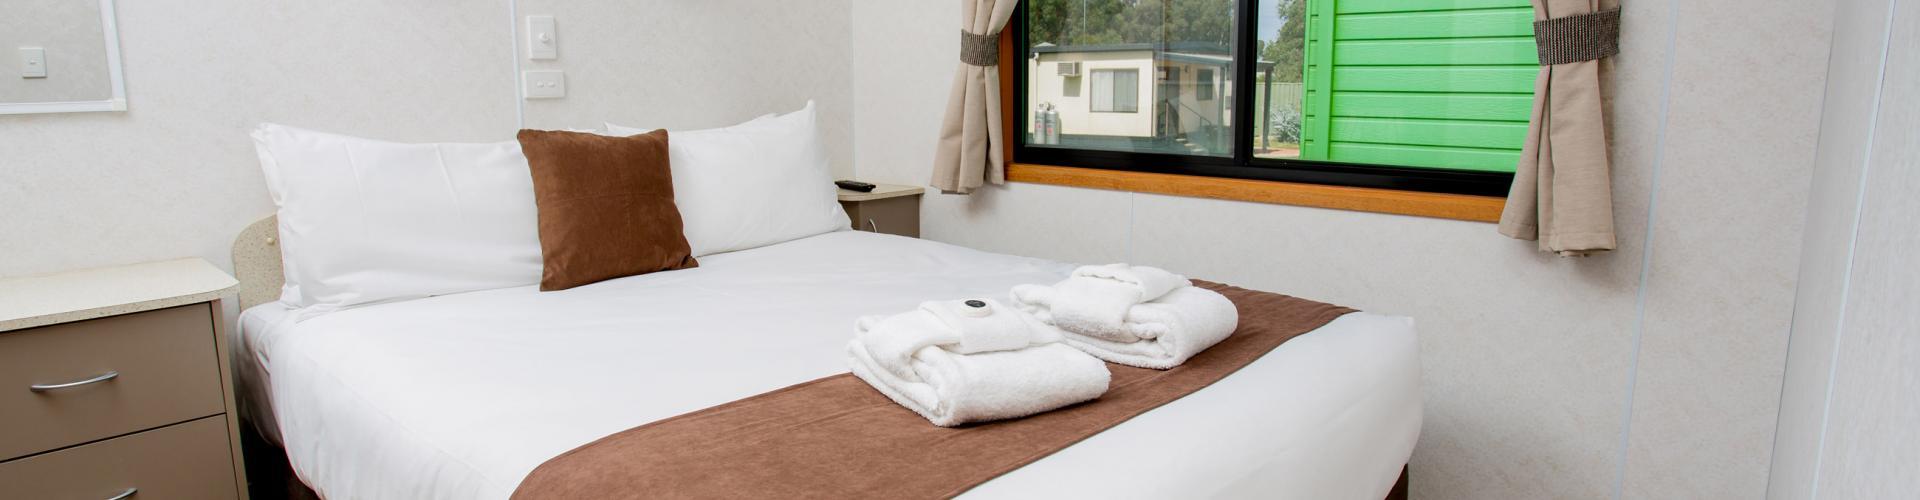 BIG4 Shepparton Park Lane Holiday Park - 2 Bedroom Villa - Main Bedroom